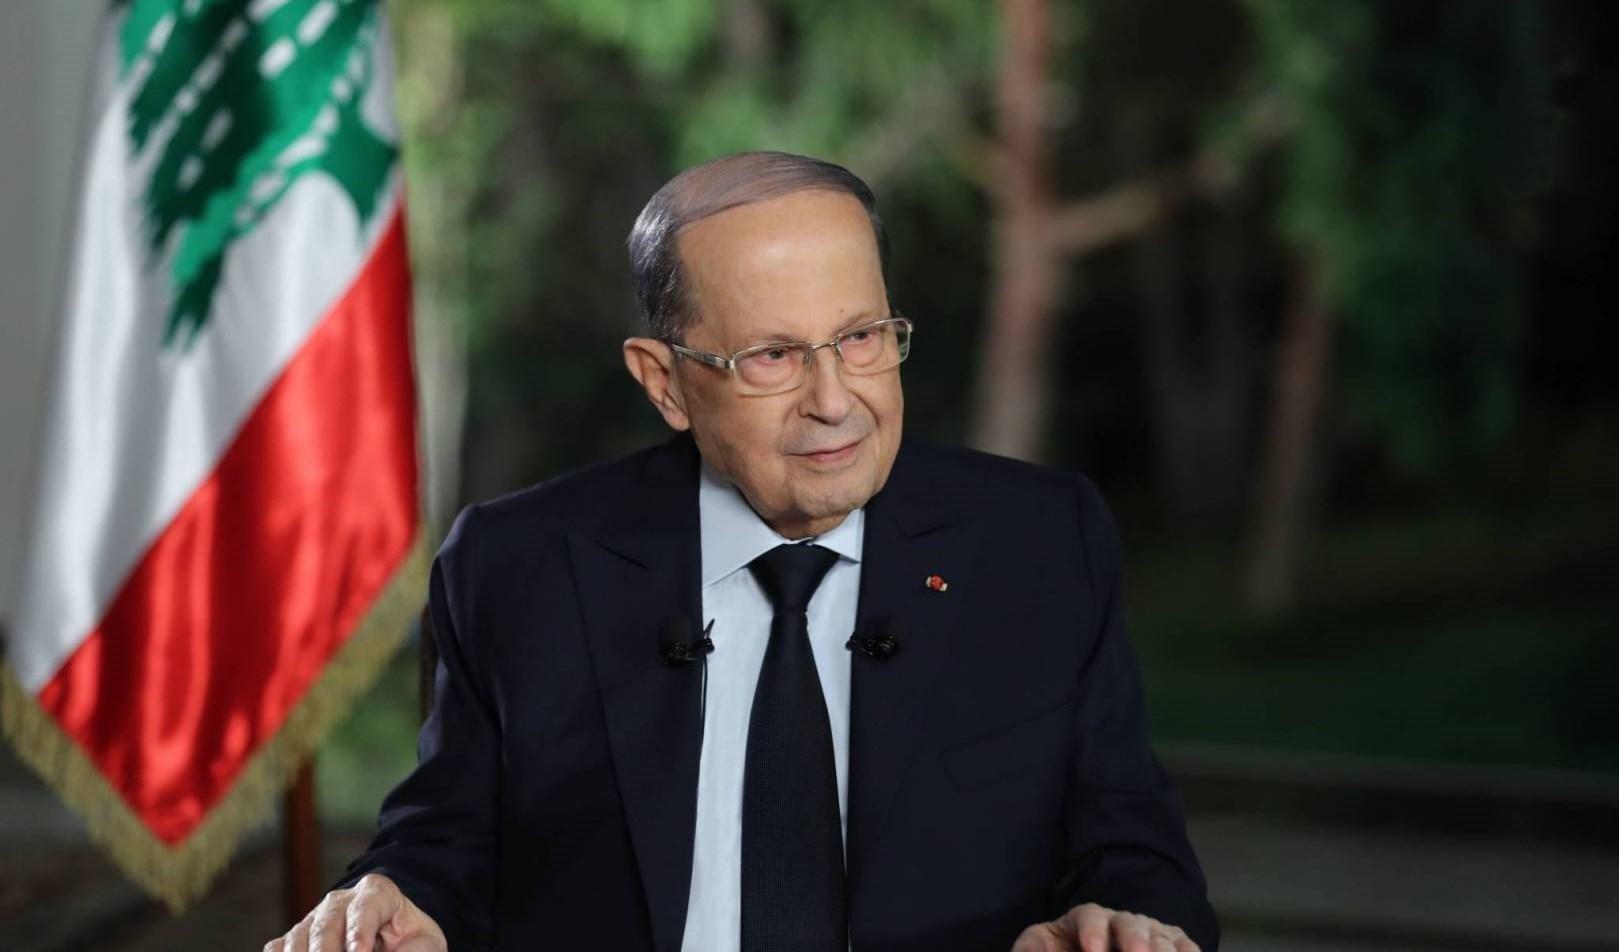 الرئيس اللبناني يعقد اجتماعاً لبحث الأزمة المالية في البلاد